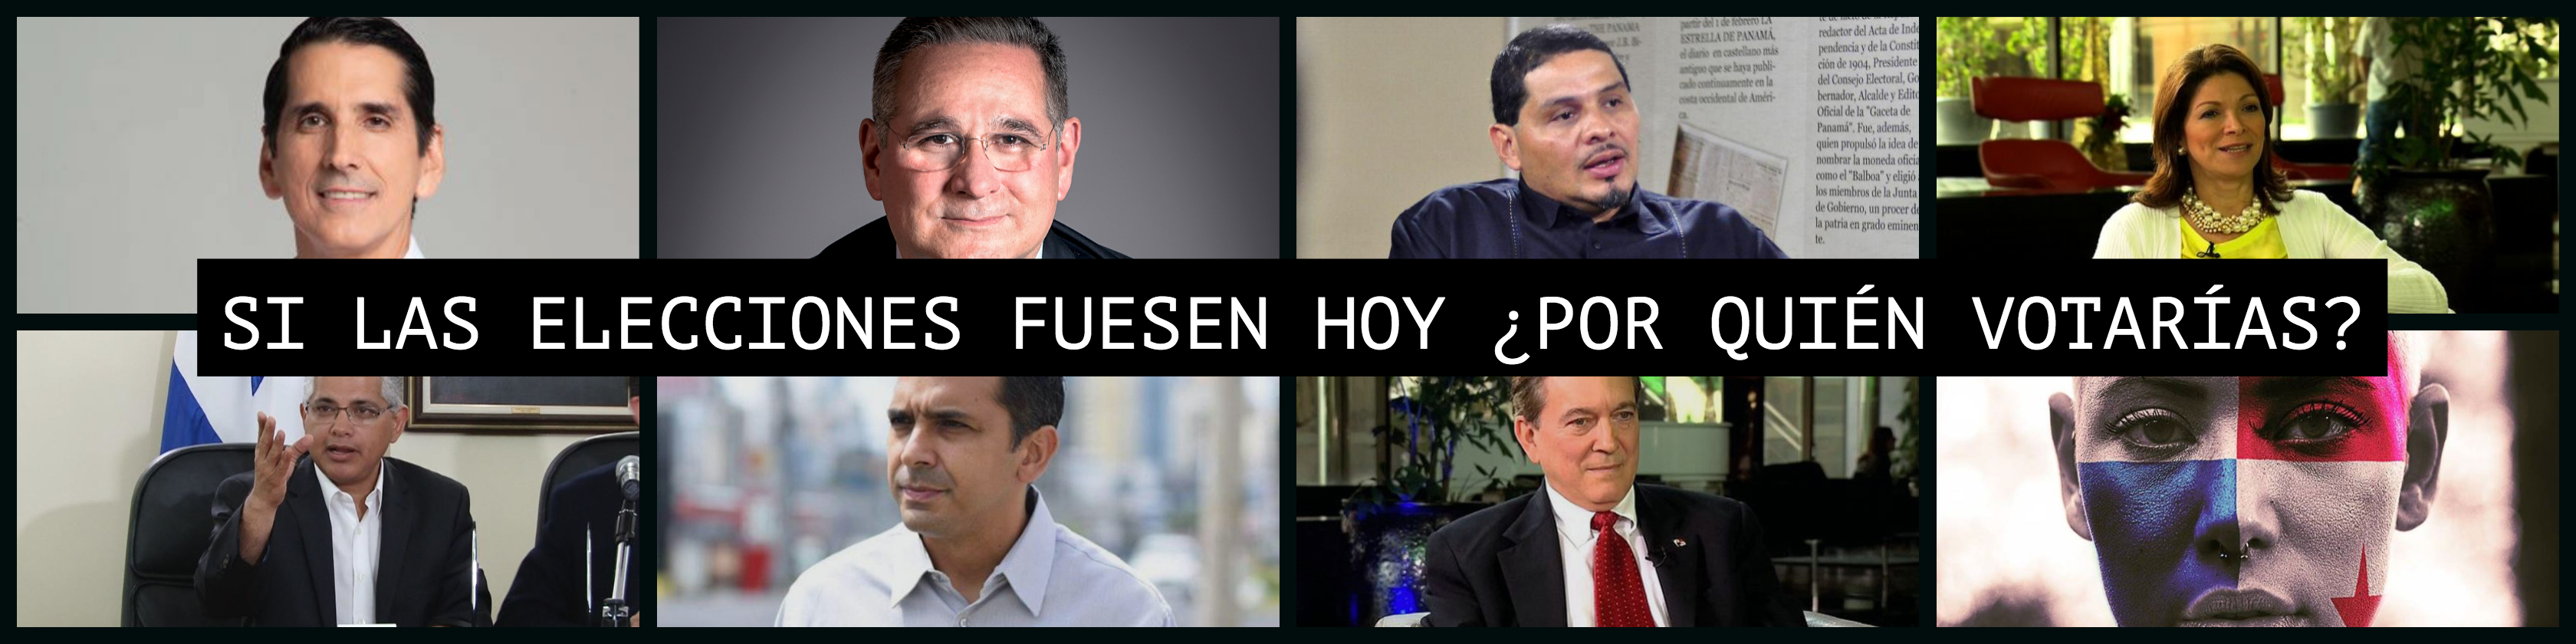 candidatos-presidente-panama